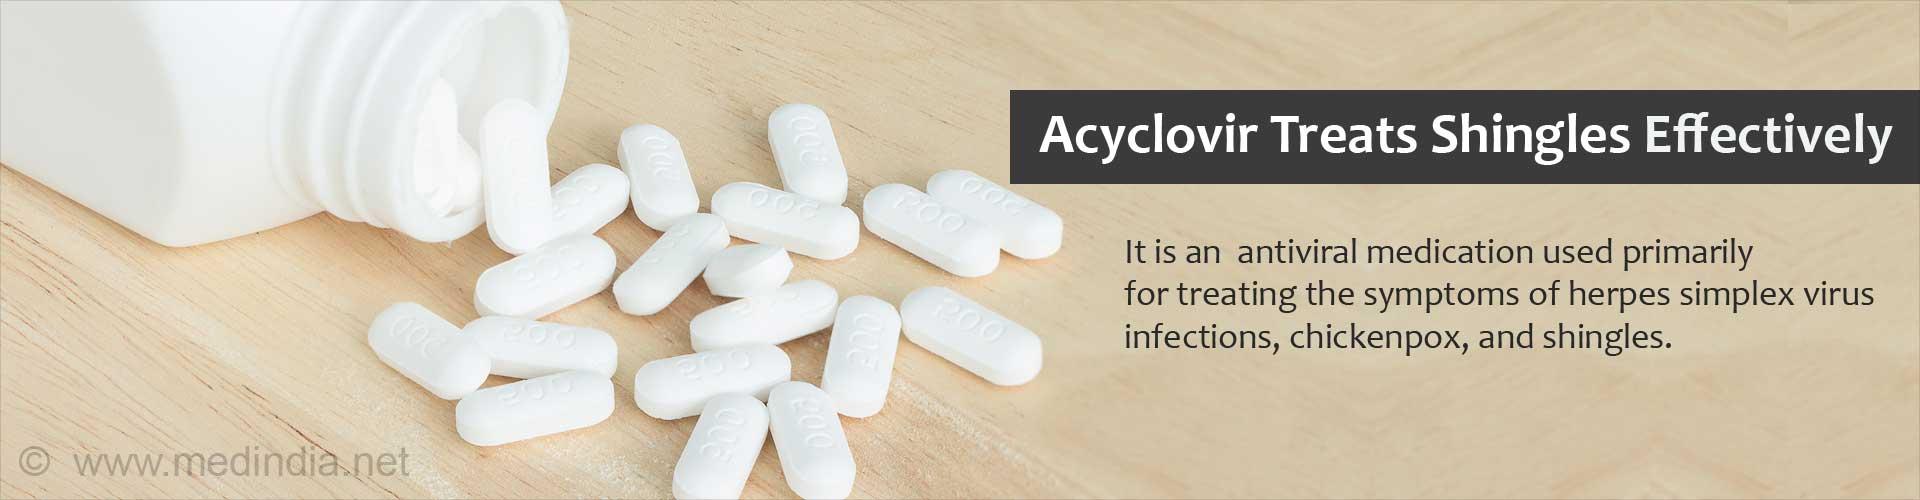 Acyclovir for the Treatment of Shingles